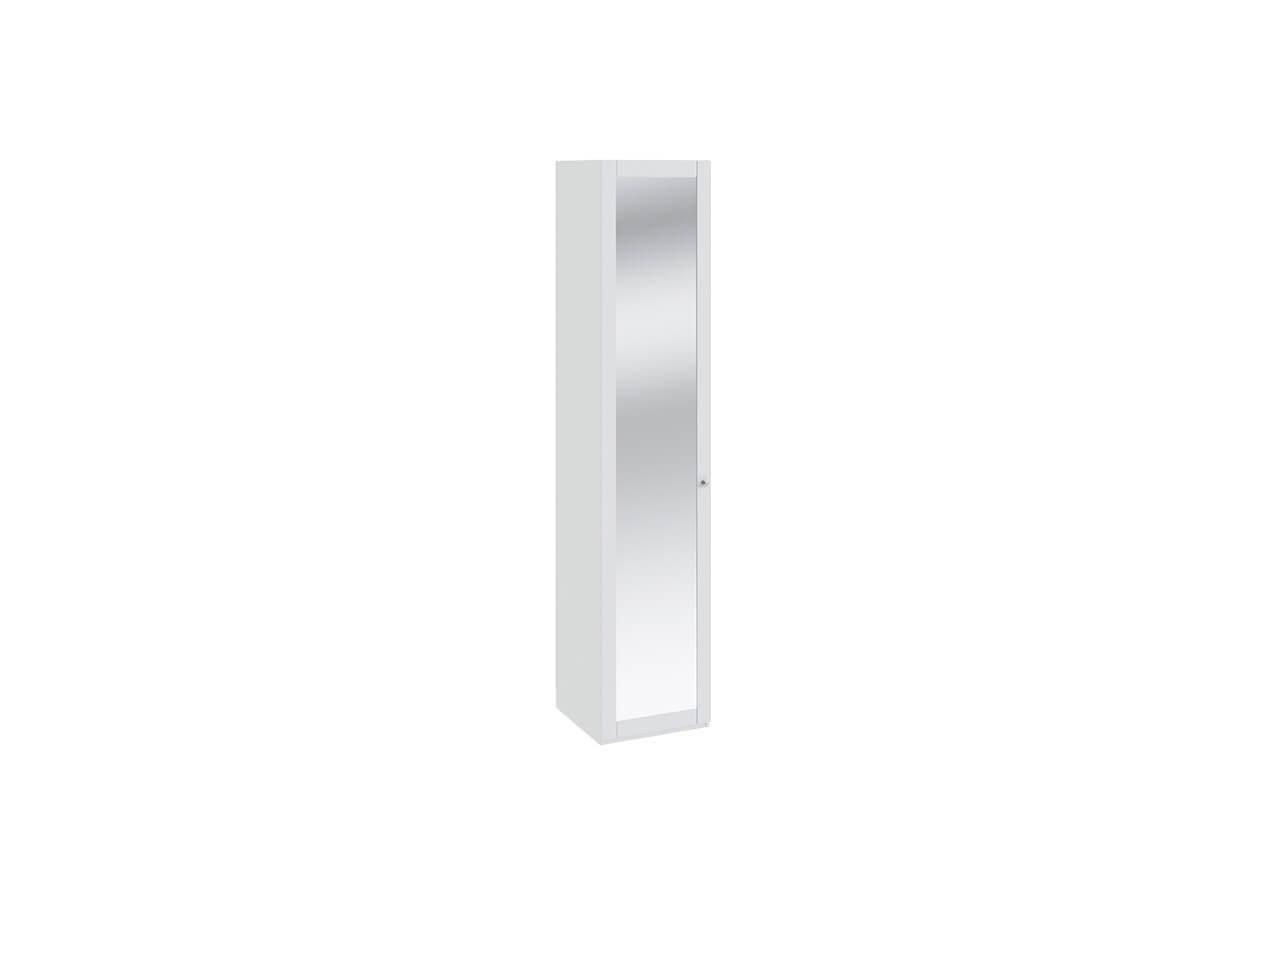 Шкаф для белья с зеркальной дверью Ривьера СМ 241-21-001 447х452х2111